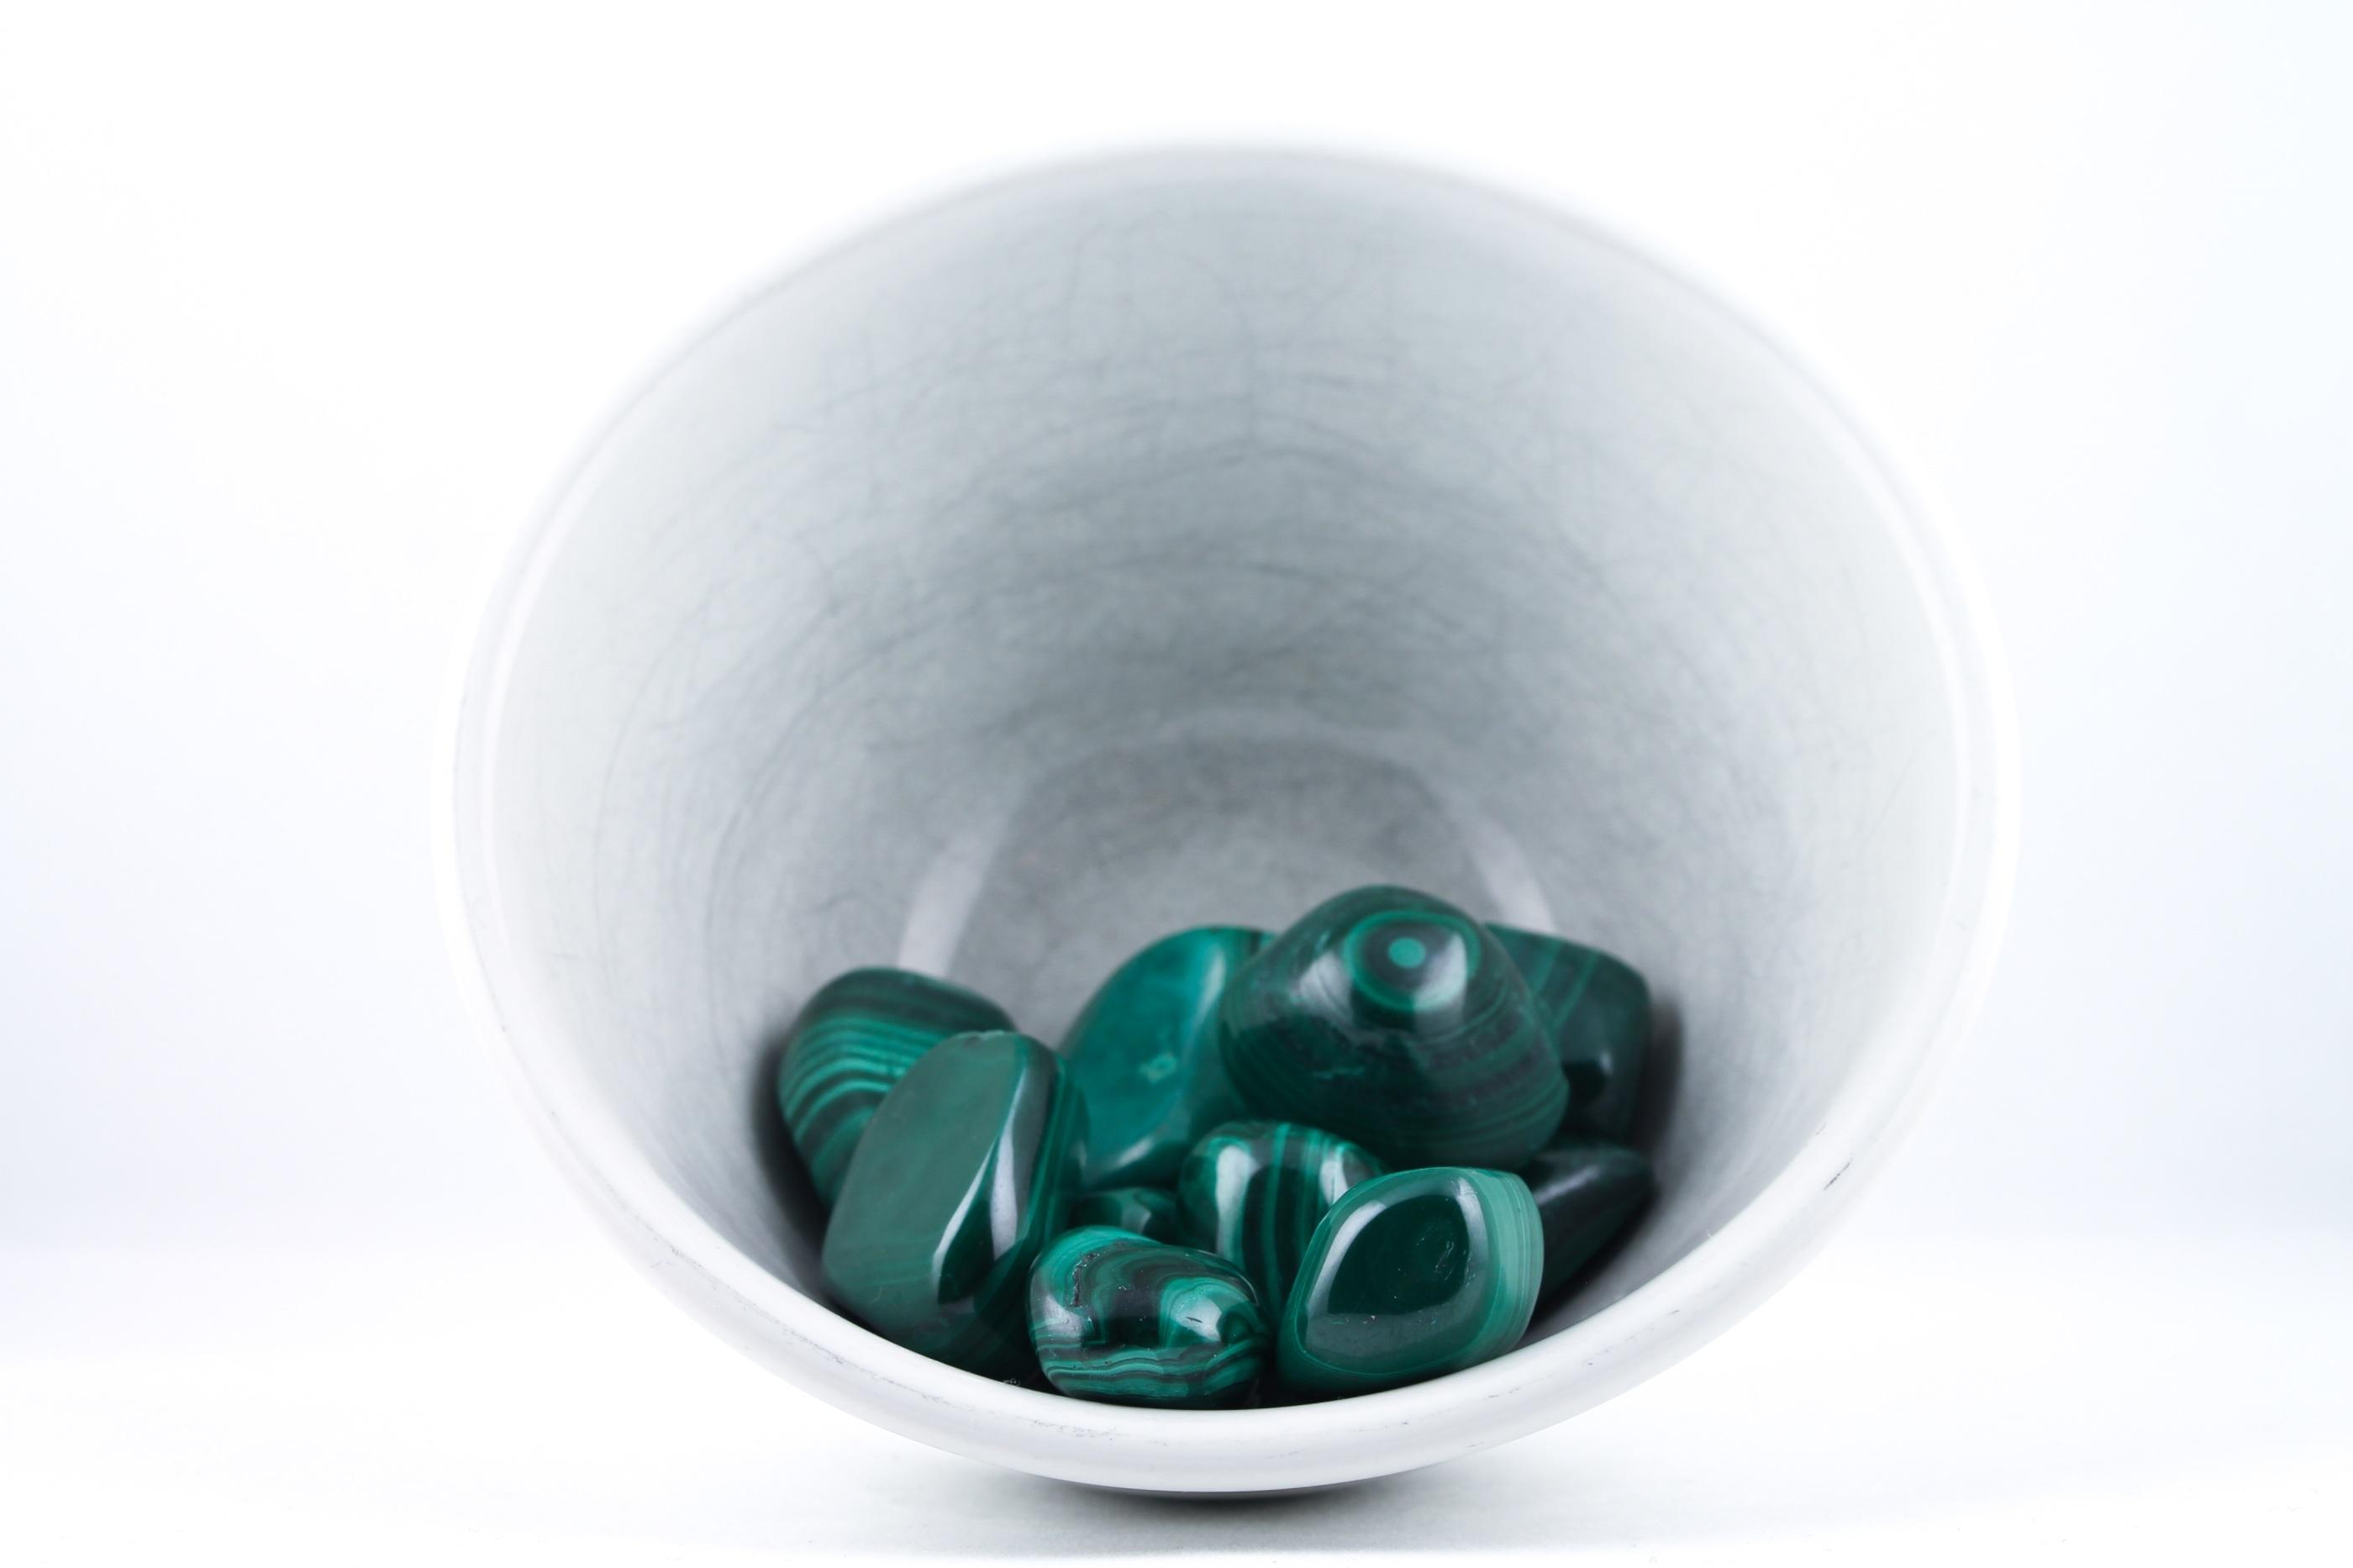 Malakit kristaller ädelstenar trumlade spets stav kristaller slipade stenar healing stenar chakra stenar Wellness Ayurveda Halmstadmassören Halmstad Sverige Sweden svensk